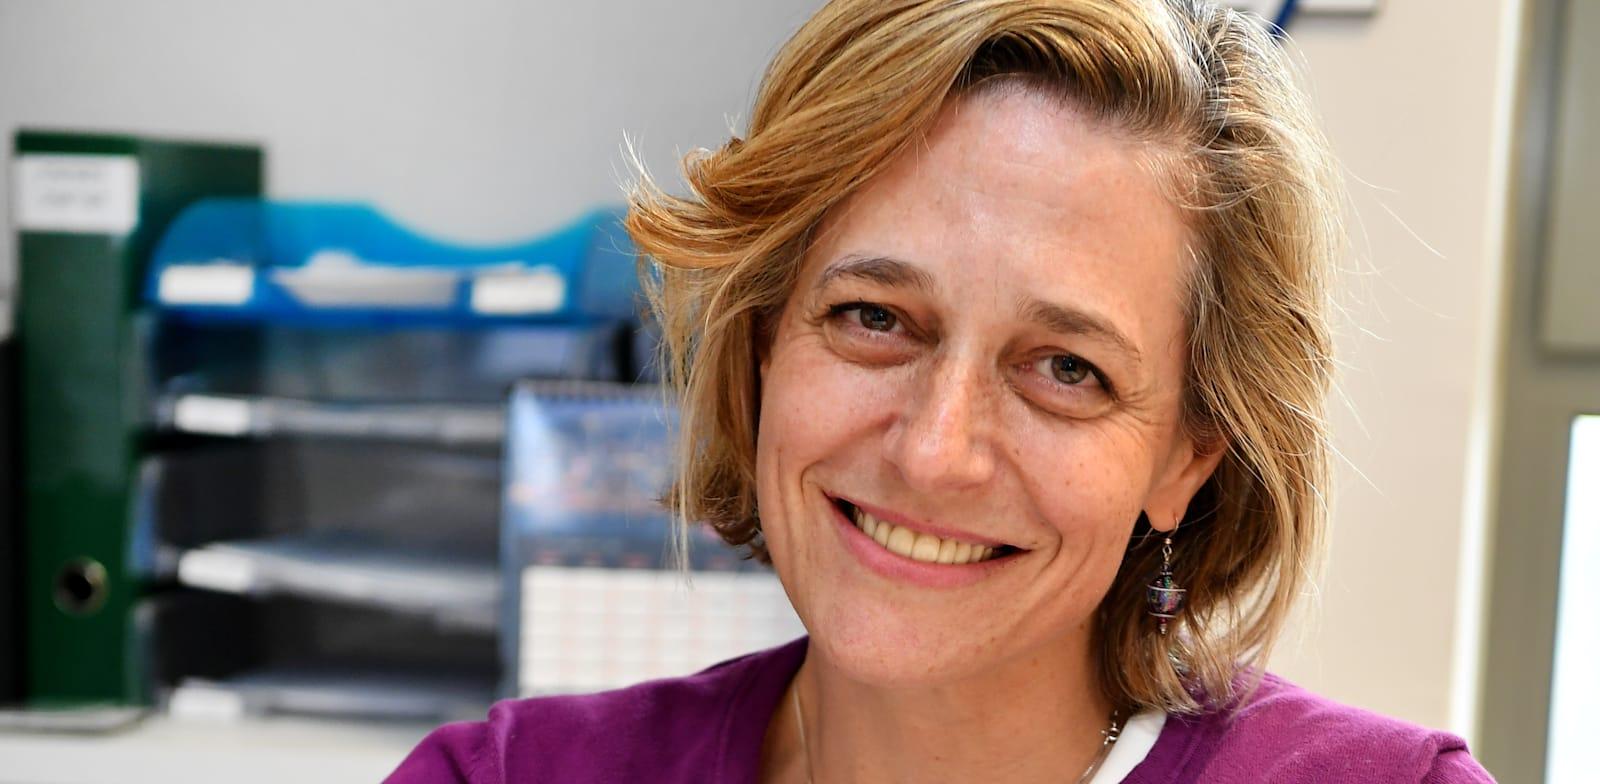 """ד""""ר שרון אלרעי פרייס, ראש שירותי בריאות הציבור במשרד הבריאות / צילום: פאול אורלייב"""